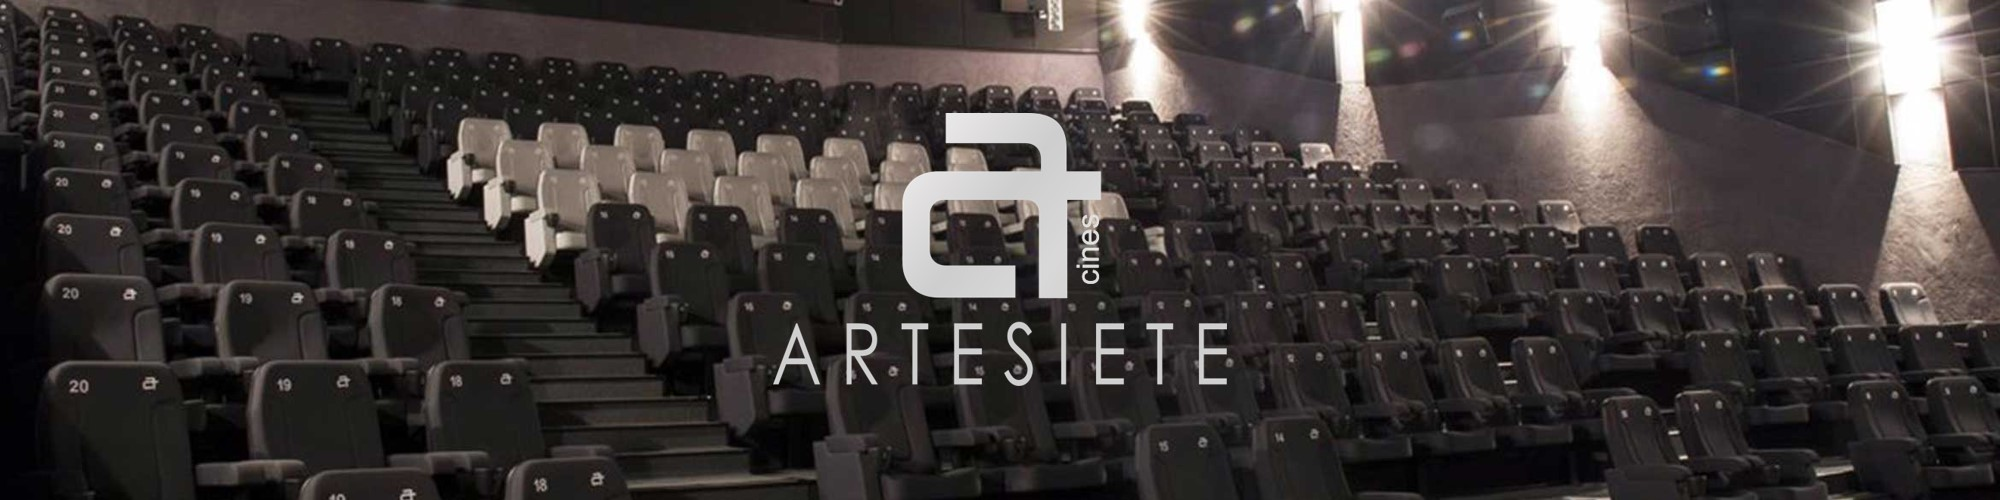 Artesiete